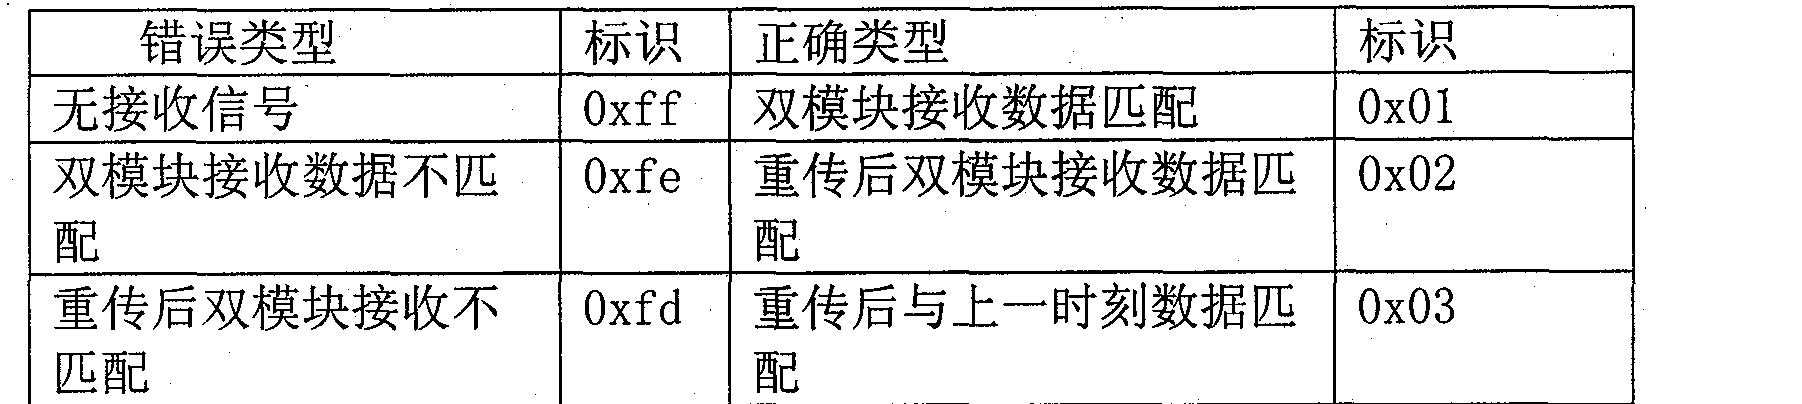 Figure CN101350637BD00131